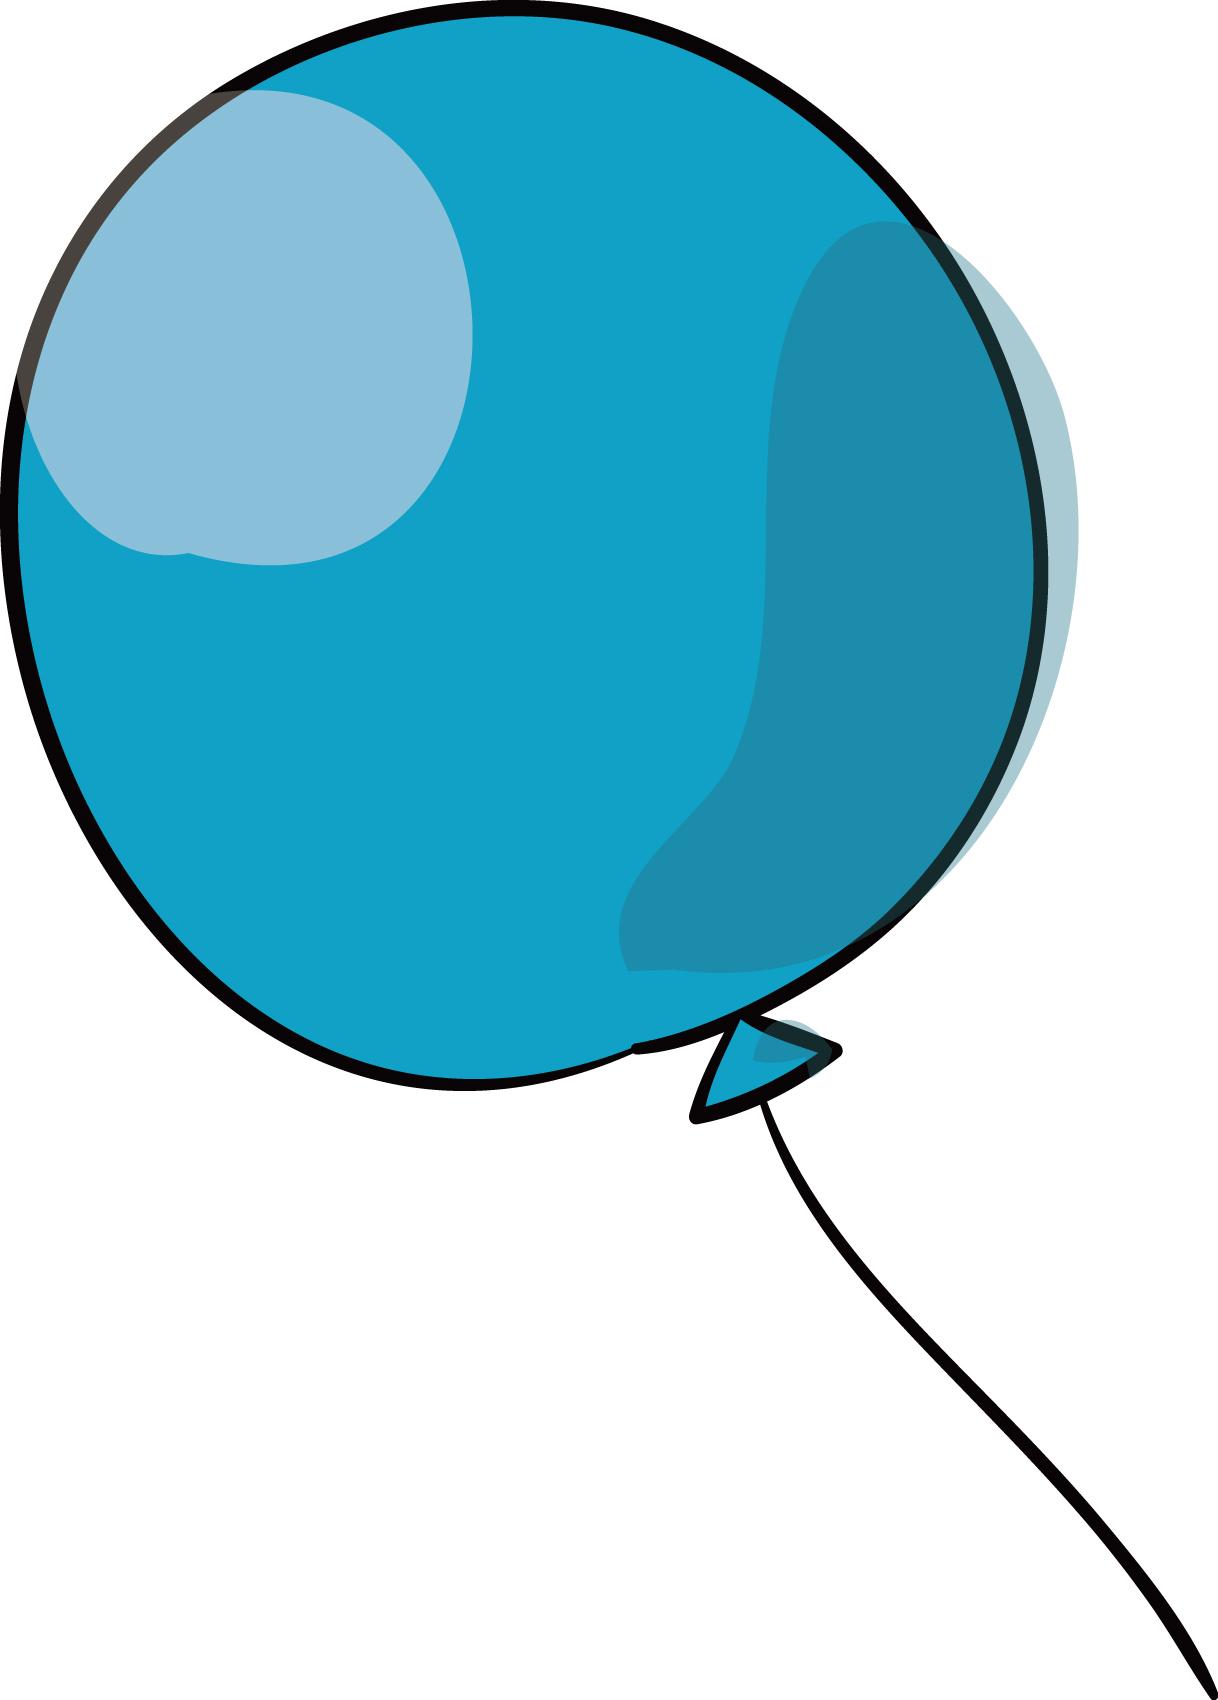 無料イラスト素材「青い風船」ダウンロード